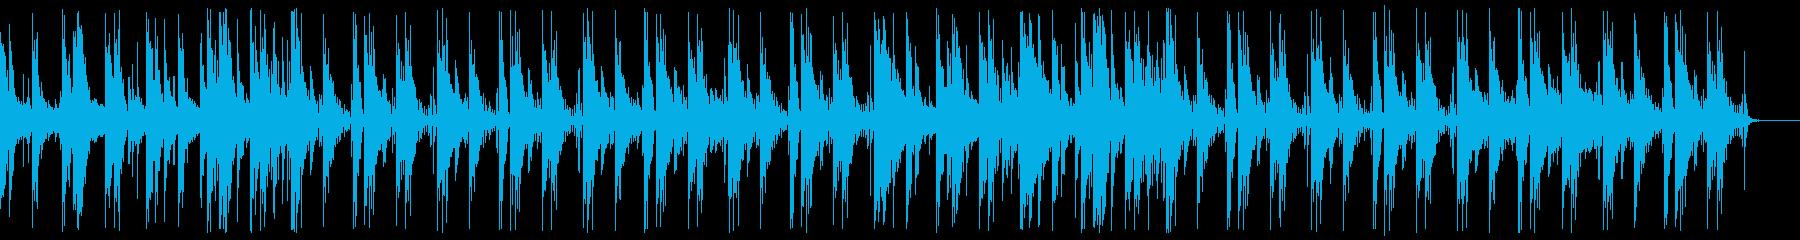 ゆっくりでヘヴィなシネマティックドラムの再生済みの波形